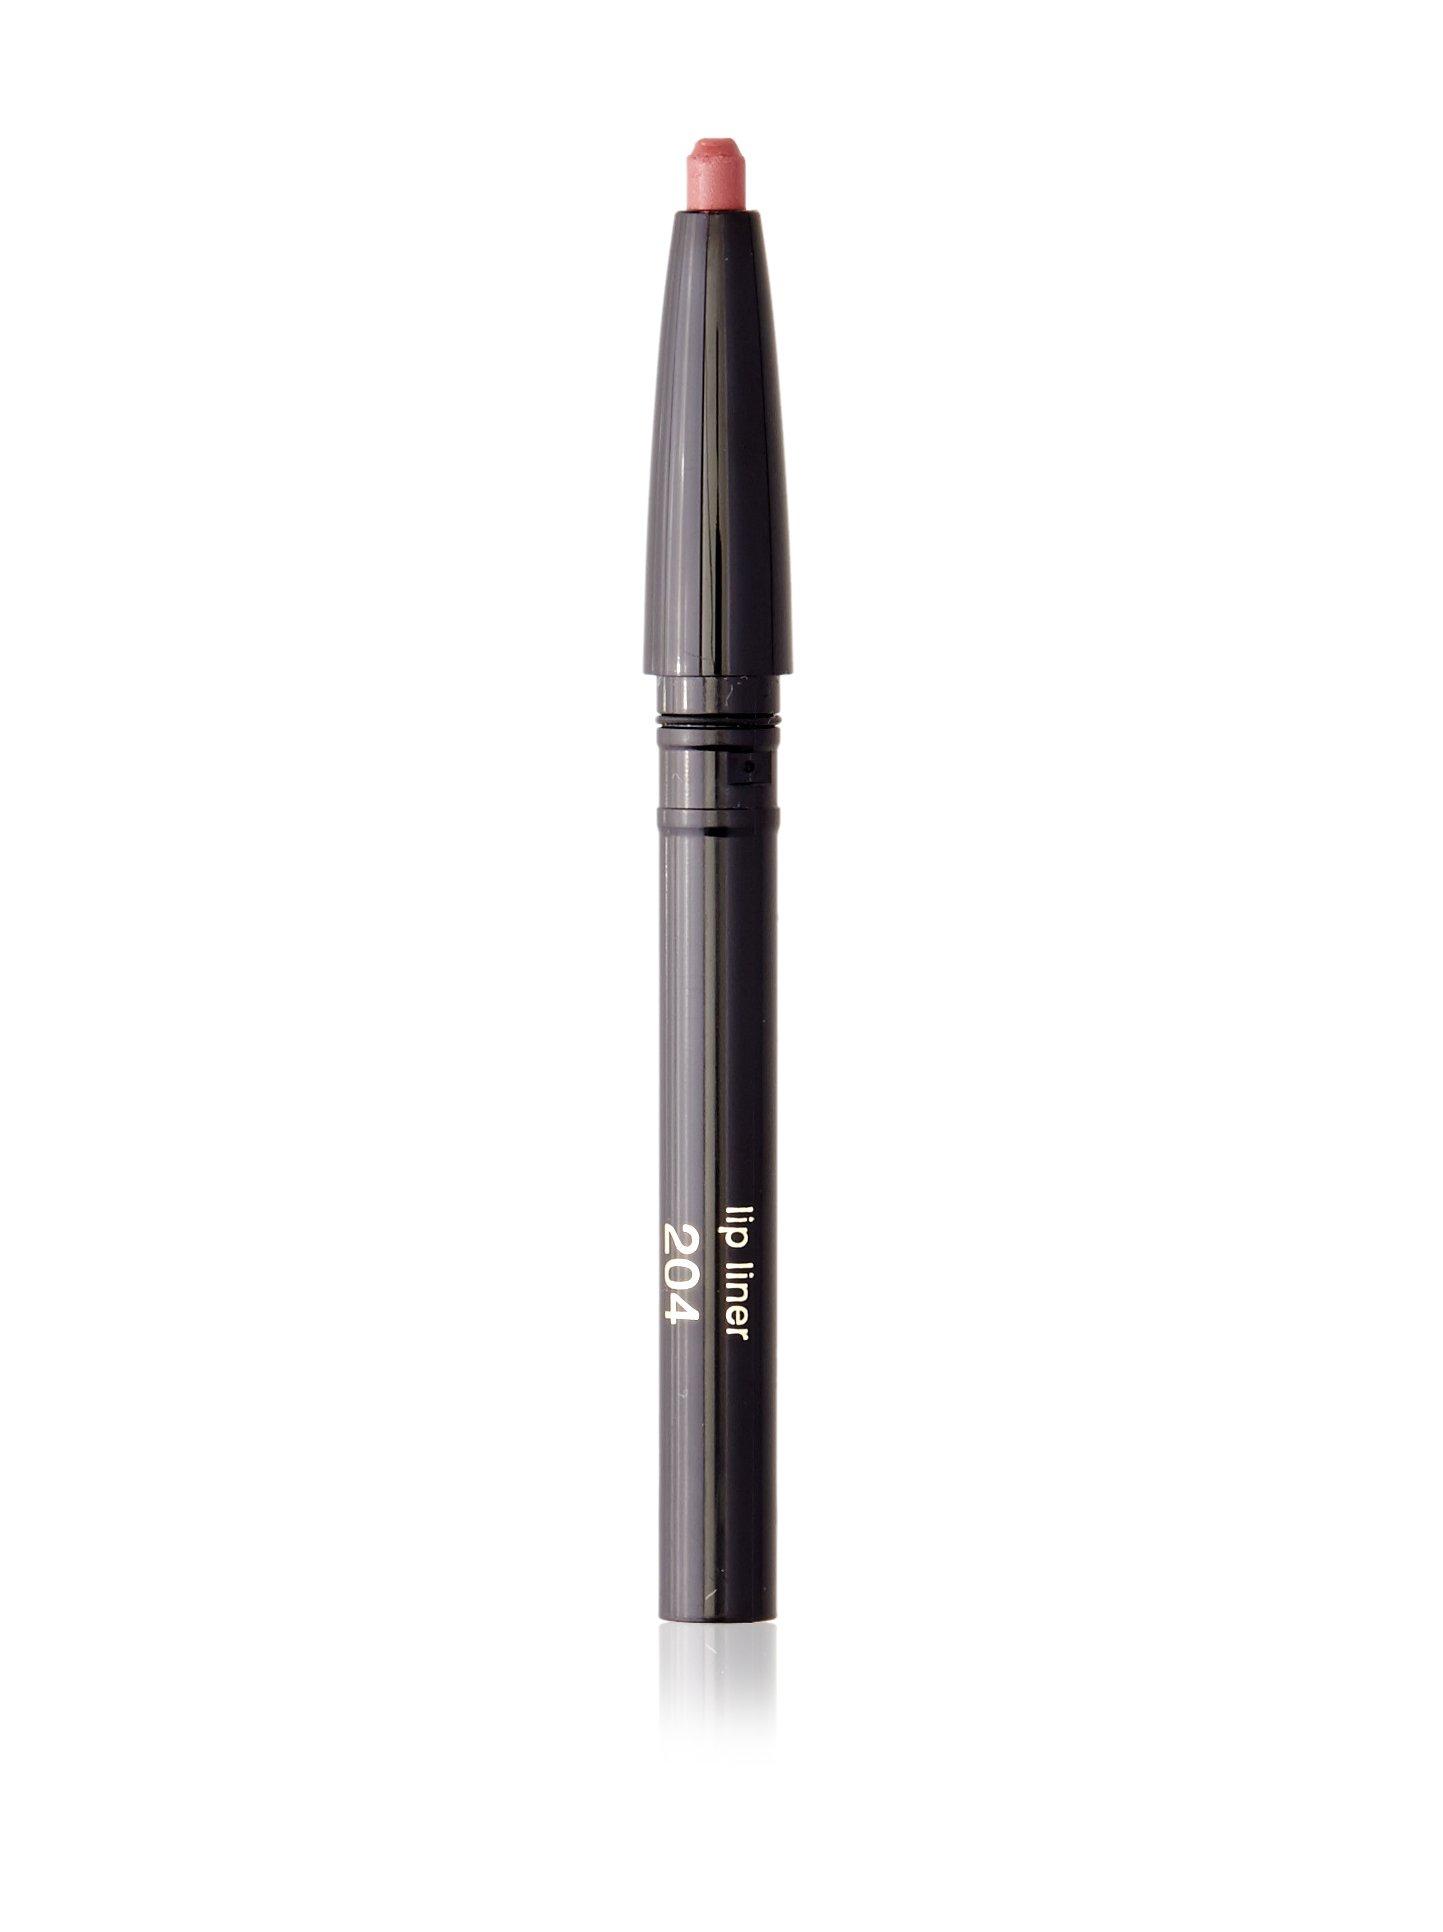 Cle De Peau Beaute Lip Liner Pencil Cartridge (204)